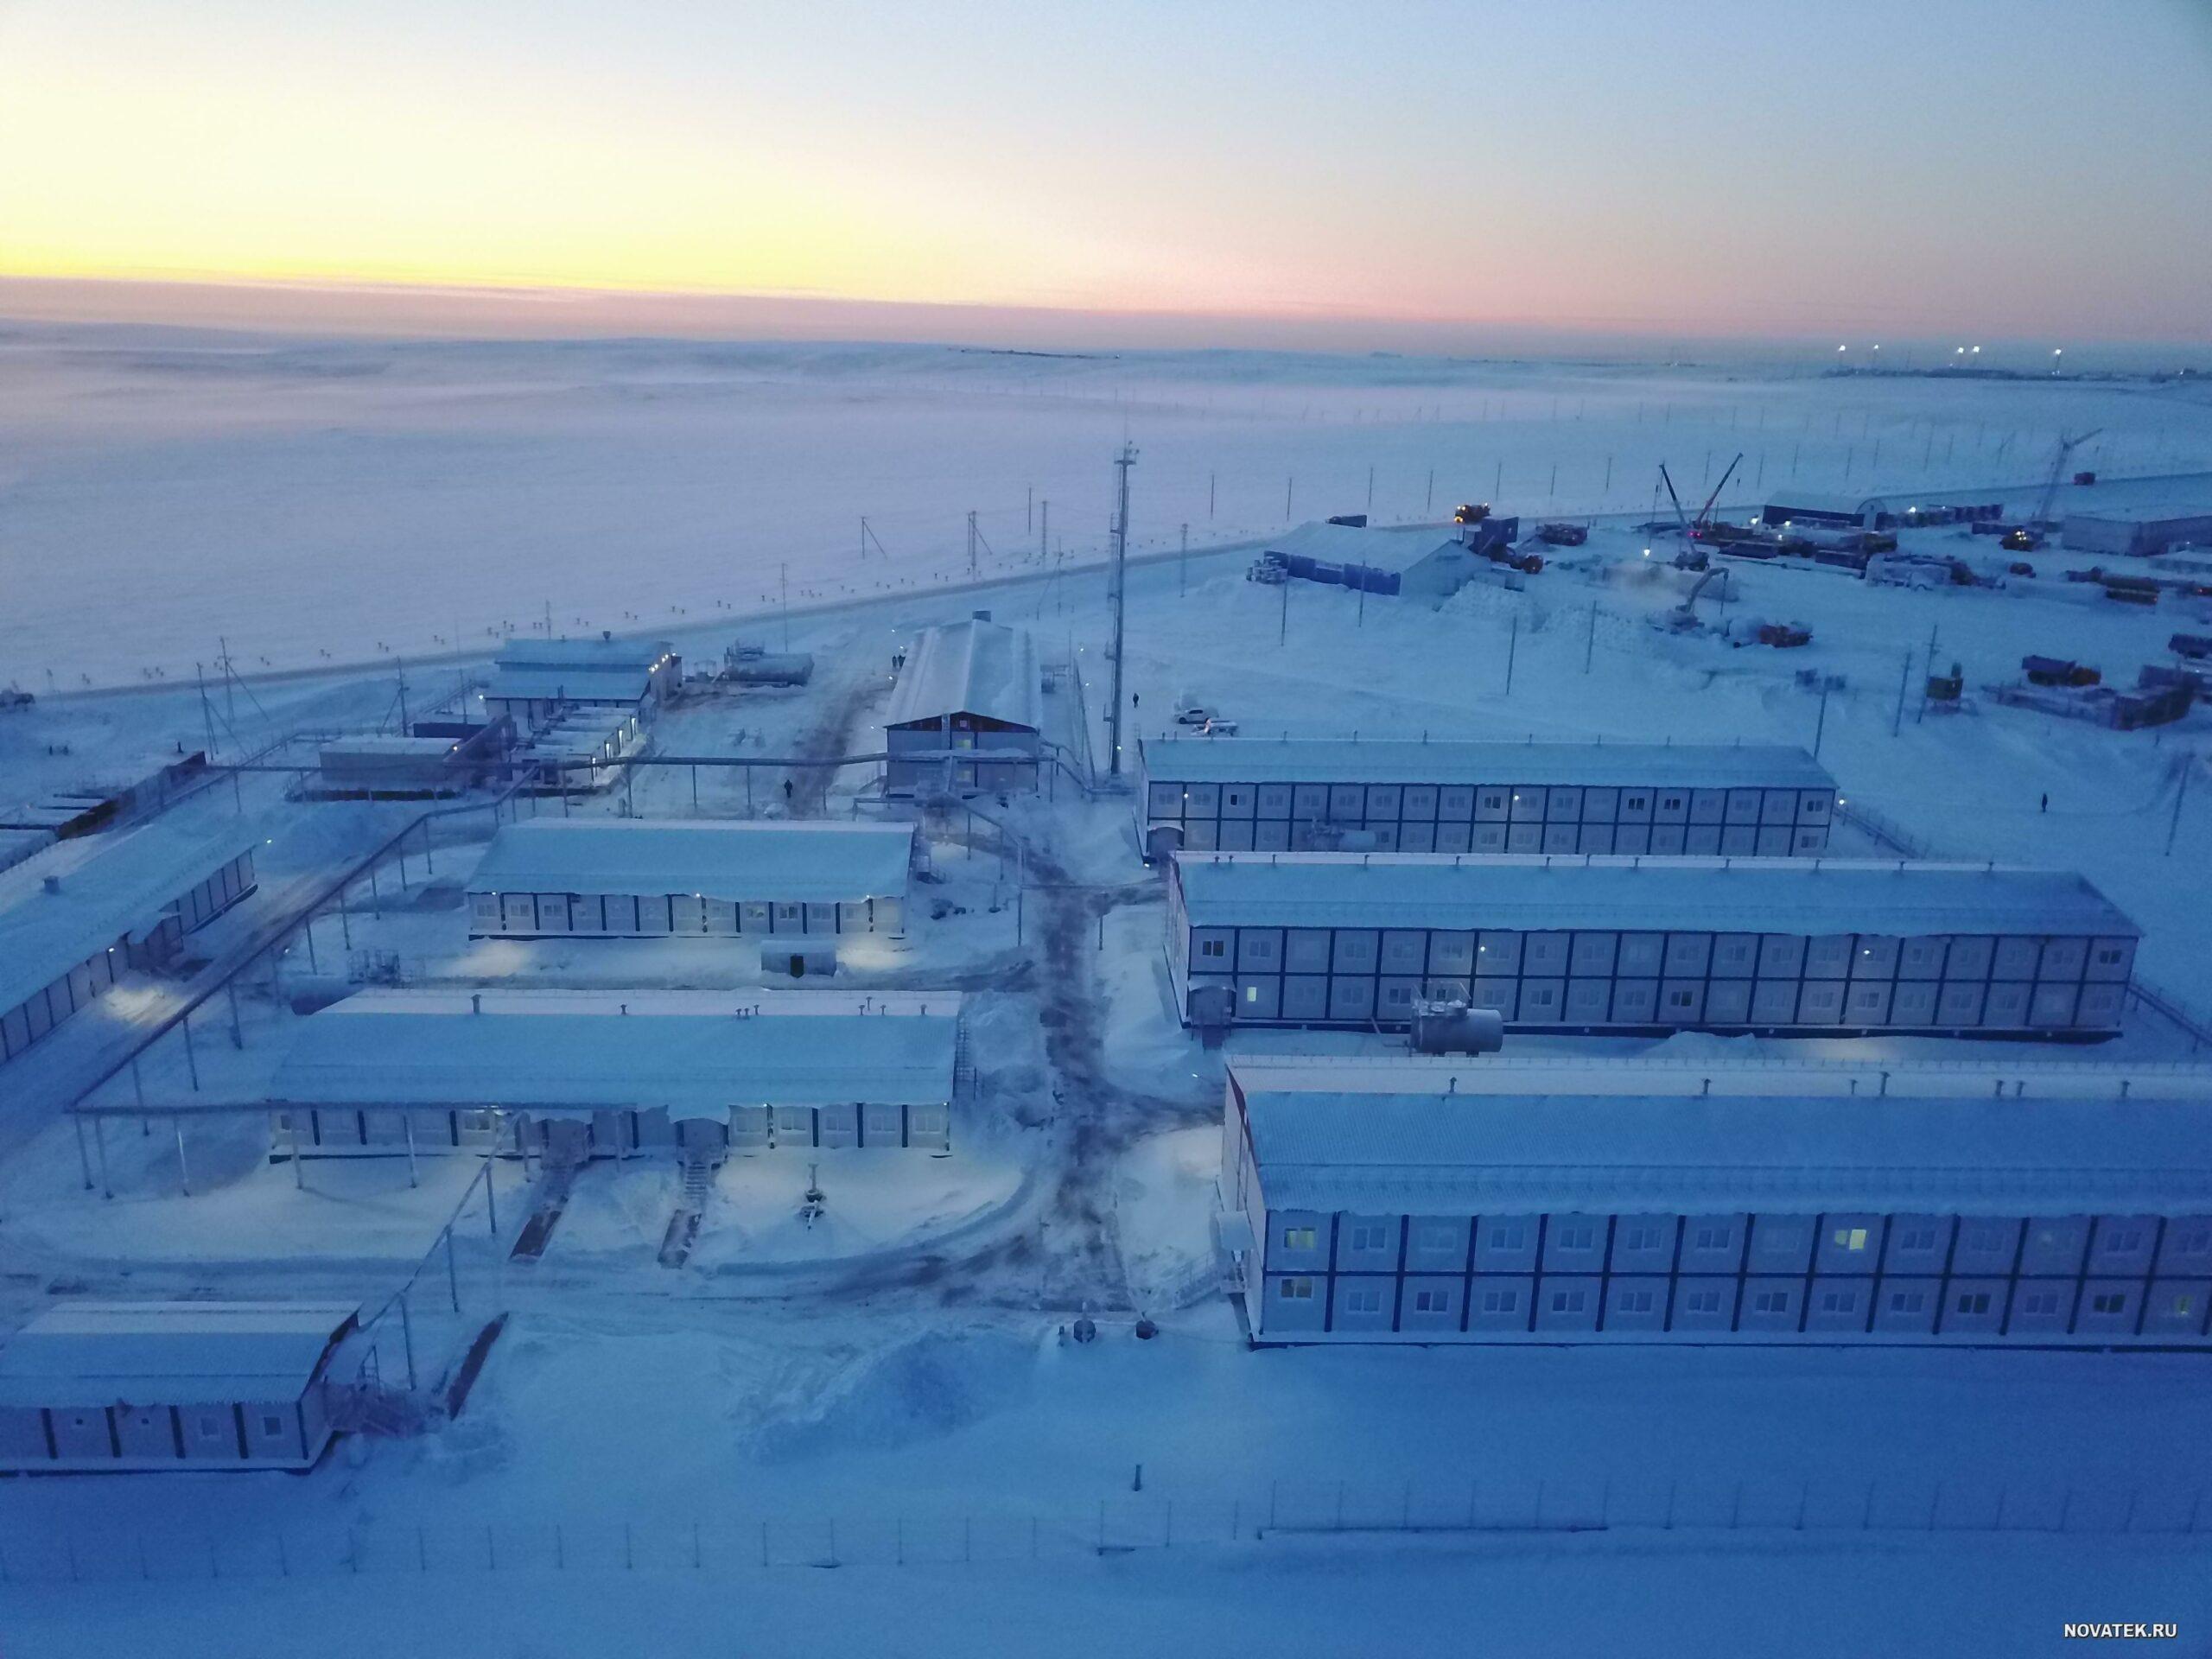 不僅是液化天然氣,這也是美國和俄羅斯在烏克蘭和北極之間競爭的方式